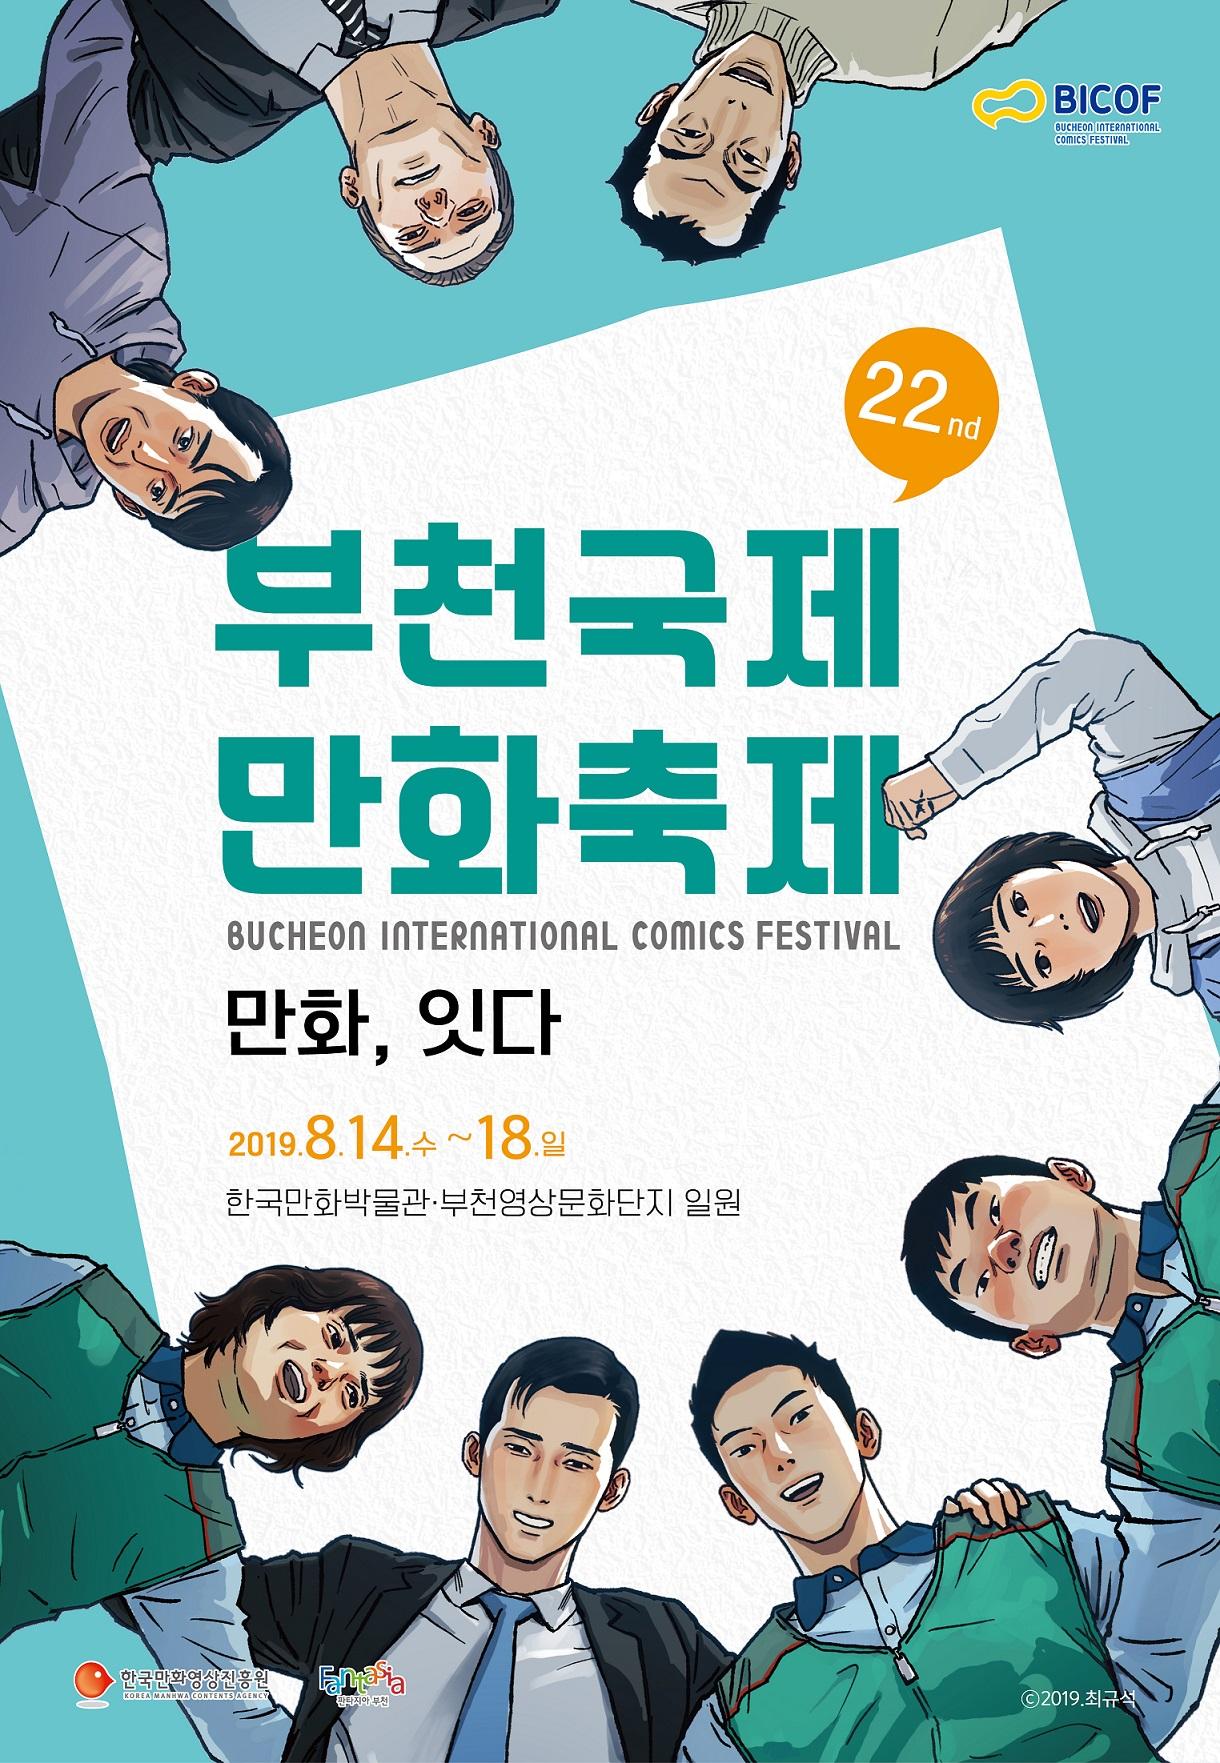 제 22회 부천국제만화축제 공식 포스터 공개, '만화, 잇다'를 주제로 8월 14일부터 막 연다